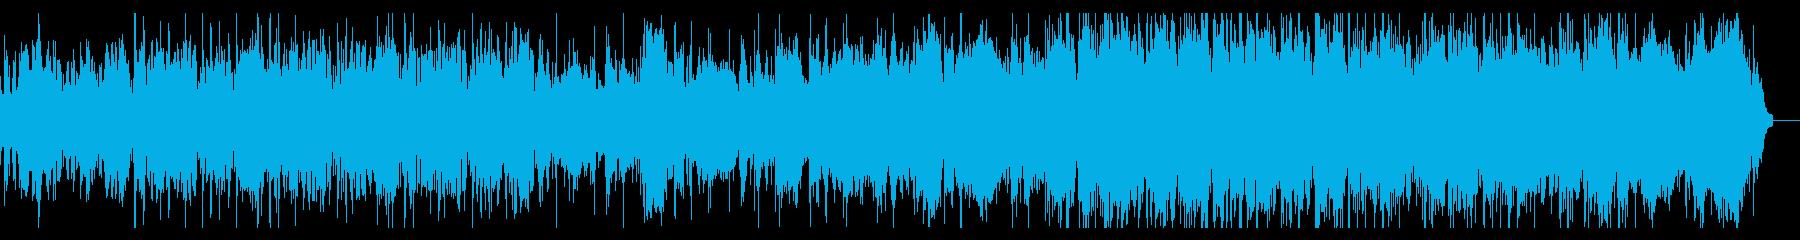 エレクトロニックなアンビエントIDMの再生済みの波形